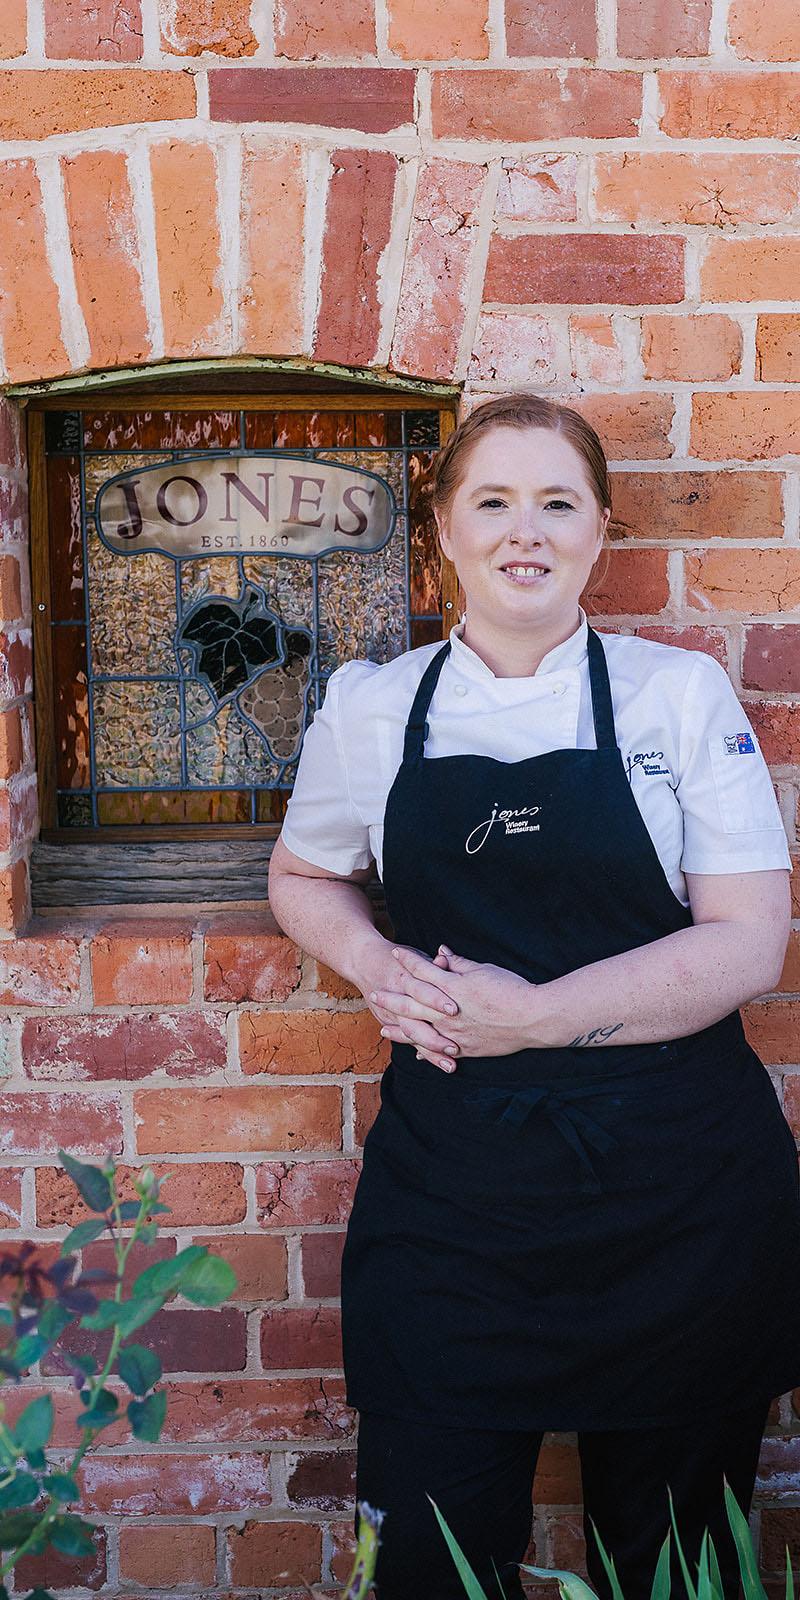 Jones Winery Restaurant